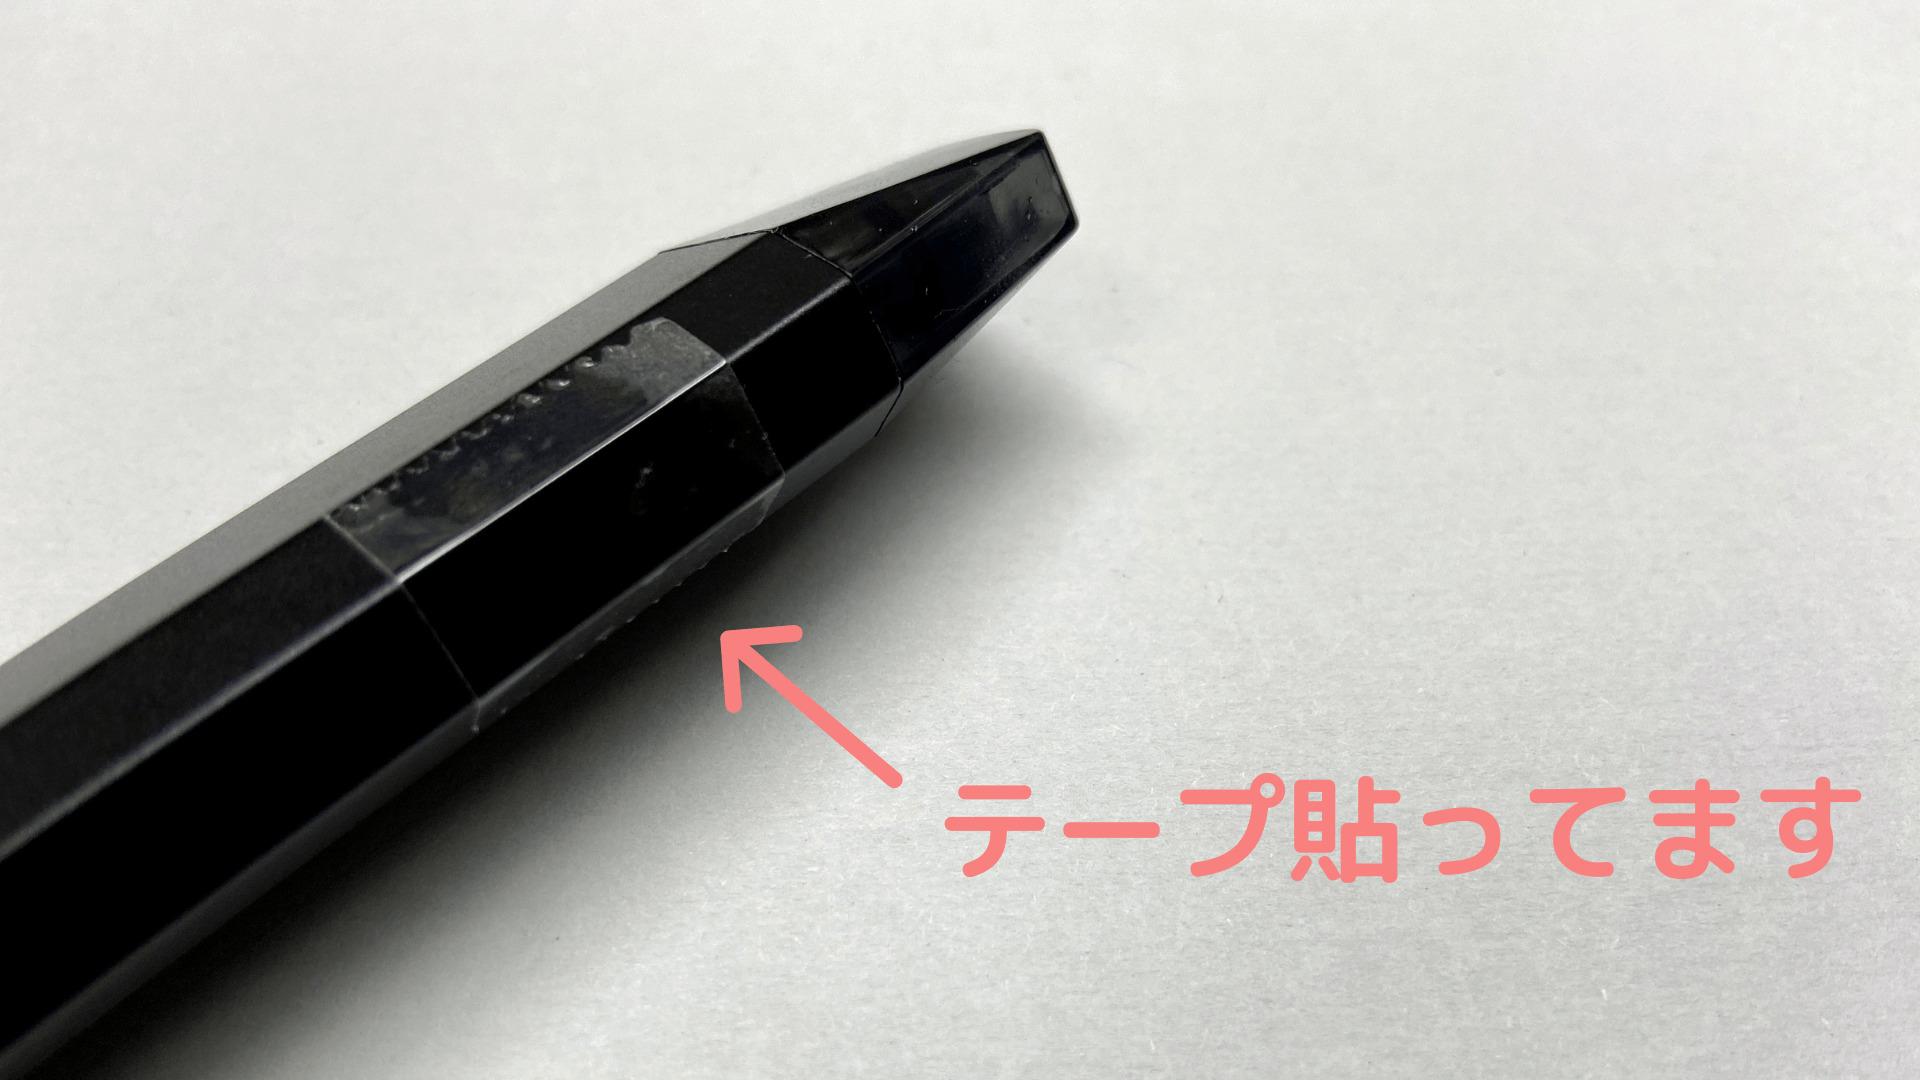 ZQ Xtal Podにテープを貼った画像